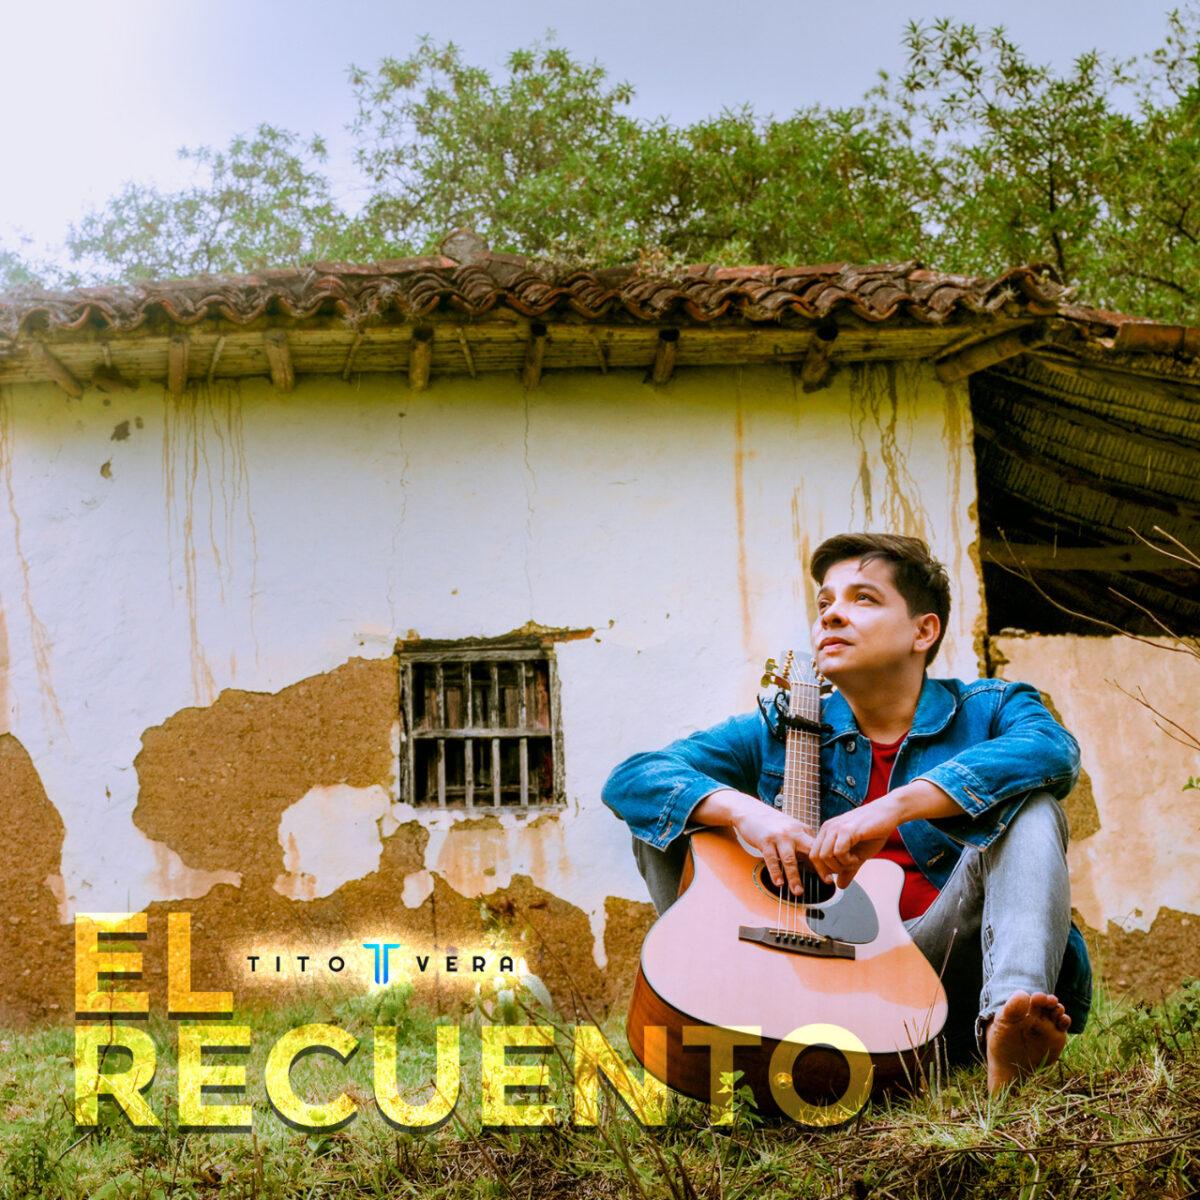 el cantautor colombiano tito vera lanza el recuento tito vera 1